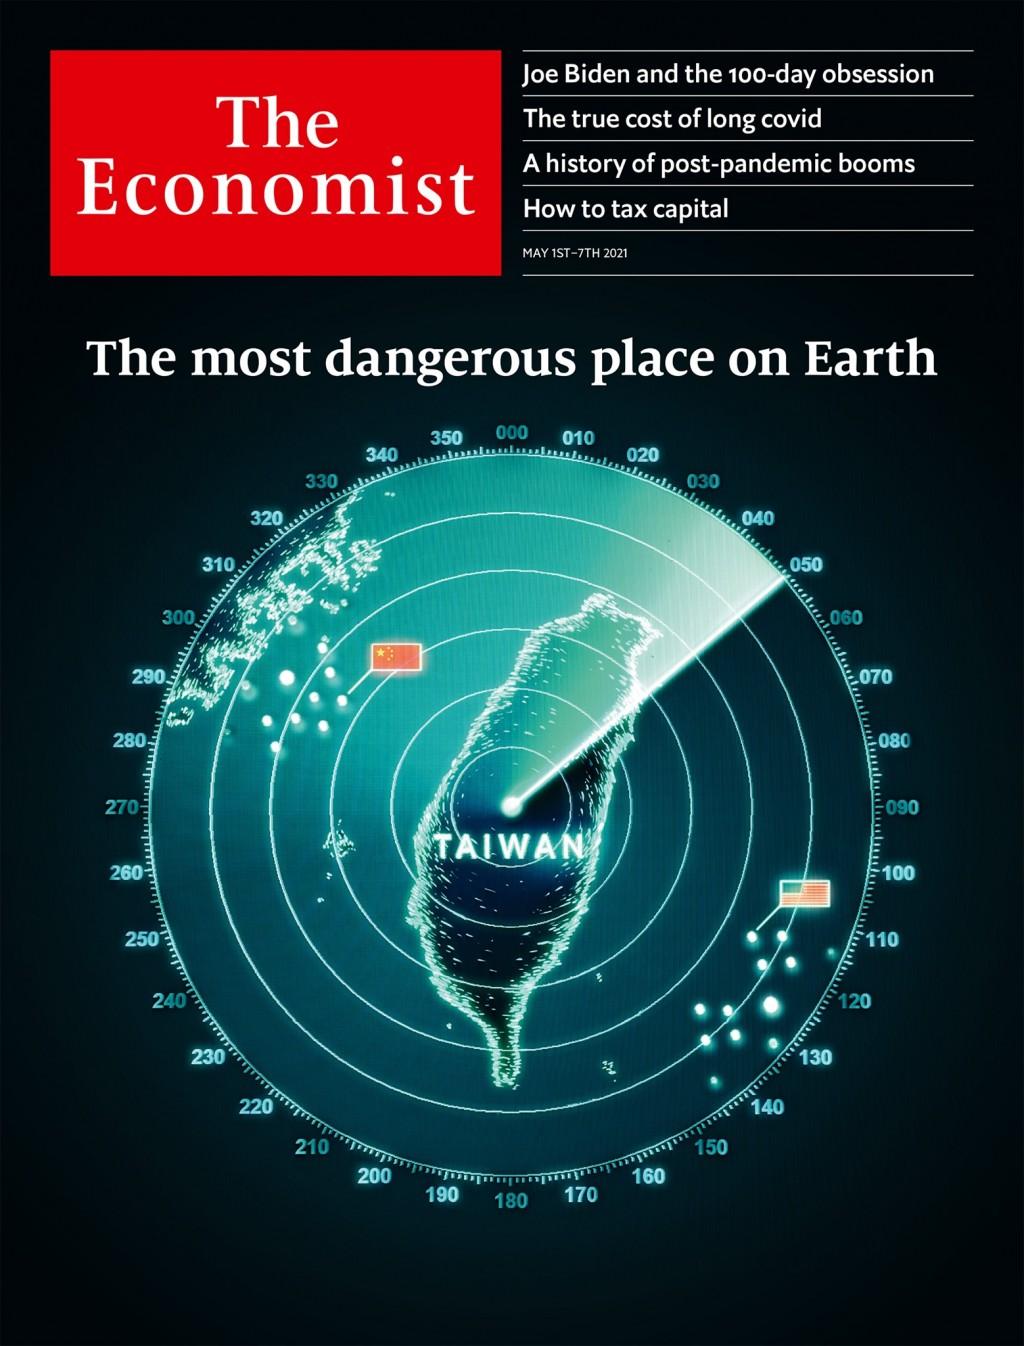 最新一期的「經濟學人」台灣為「地球上最危險的地方」(圖取自facebook.com/TheEconomist)